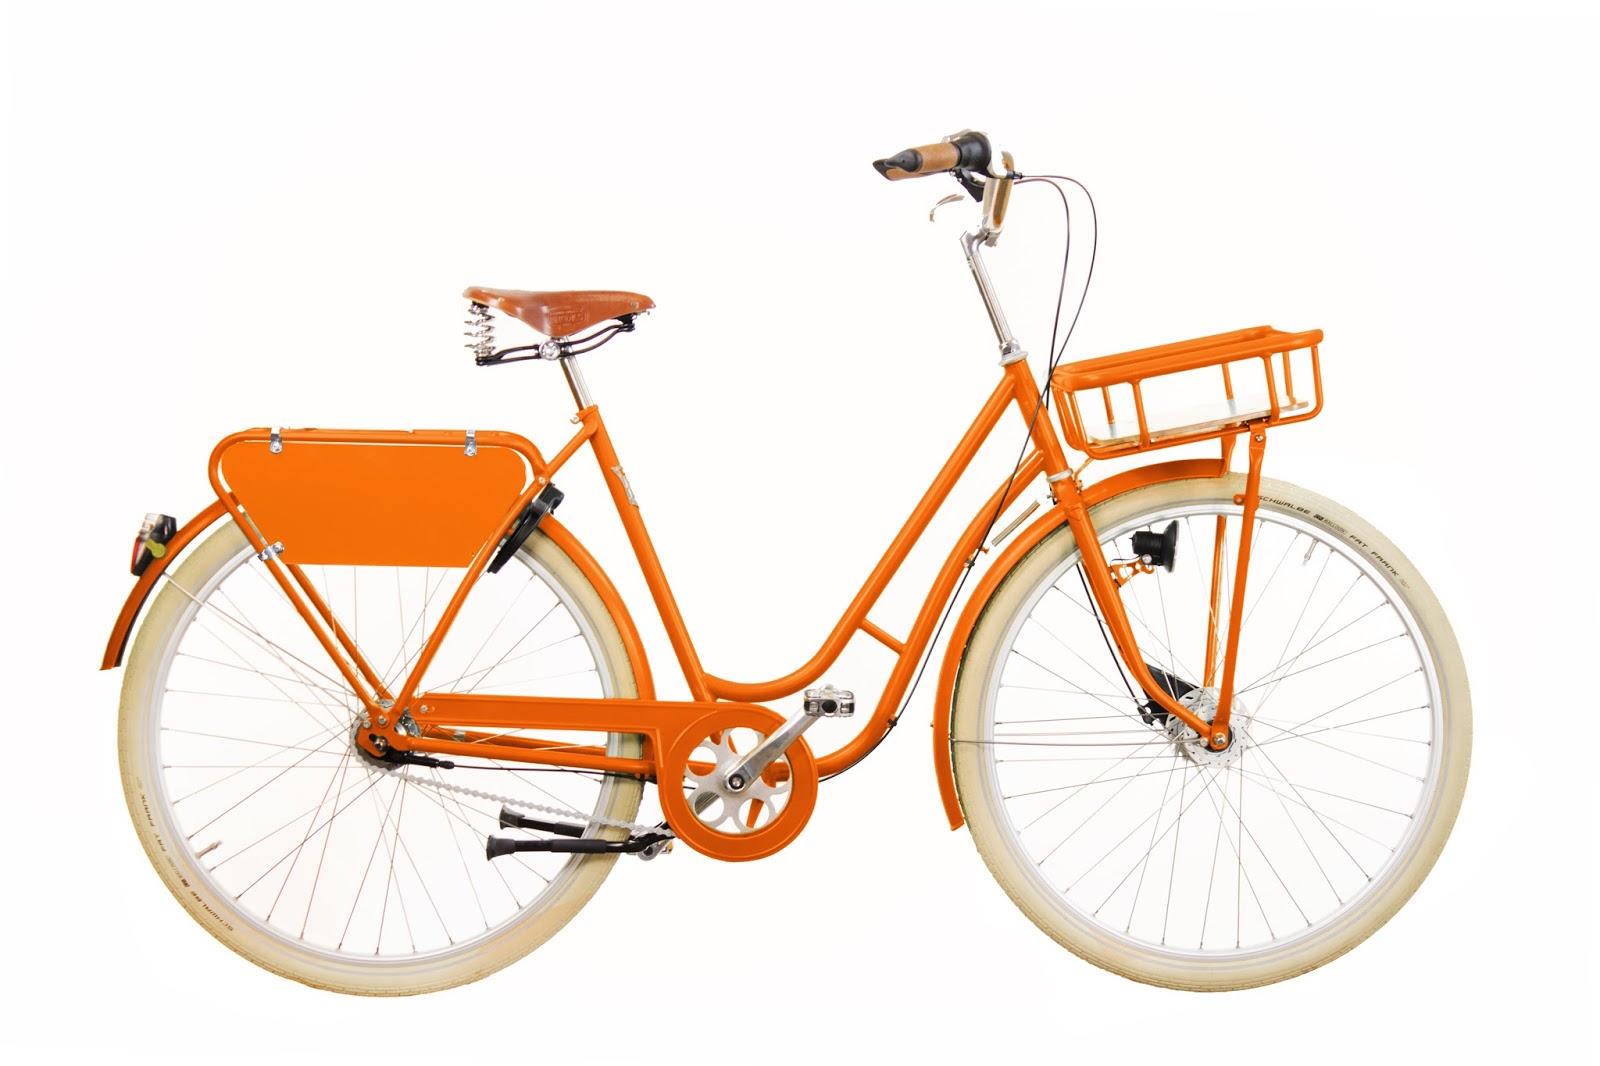 Pilen Lyx Special Orange helfärgad företagscykel. Extrautrustning: silverfälgar, vita däck Fat Frank, centralstöd Atran Moove, Atran frampakethållare lackerad och handtag Primergo kork.